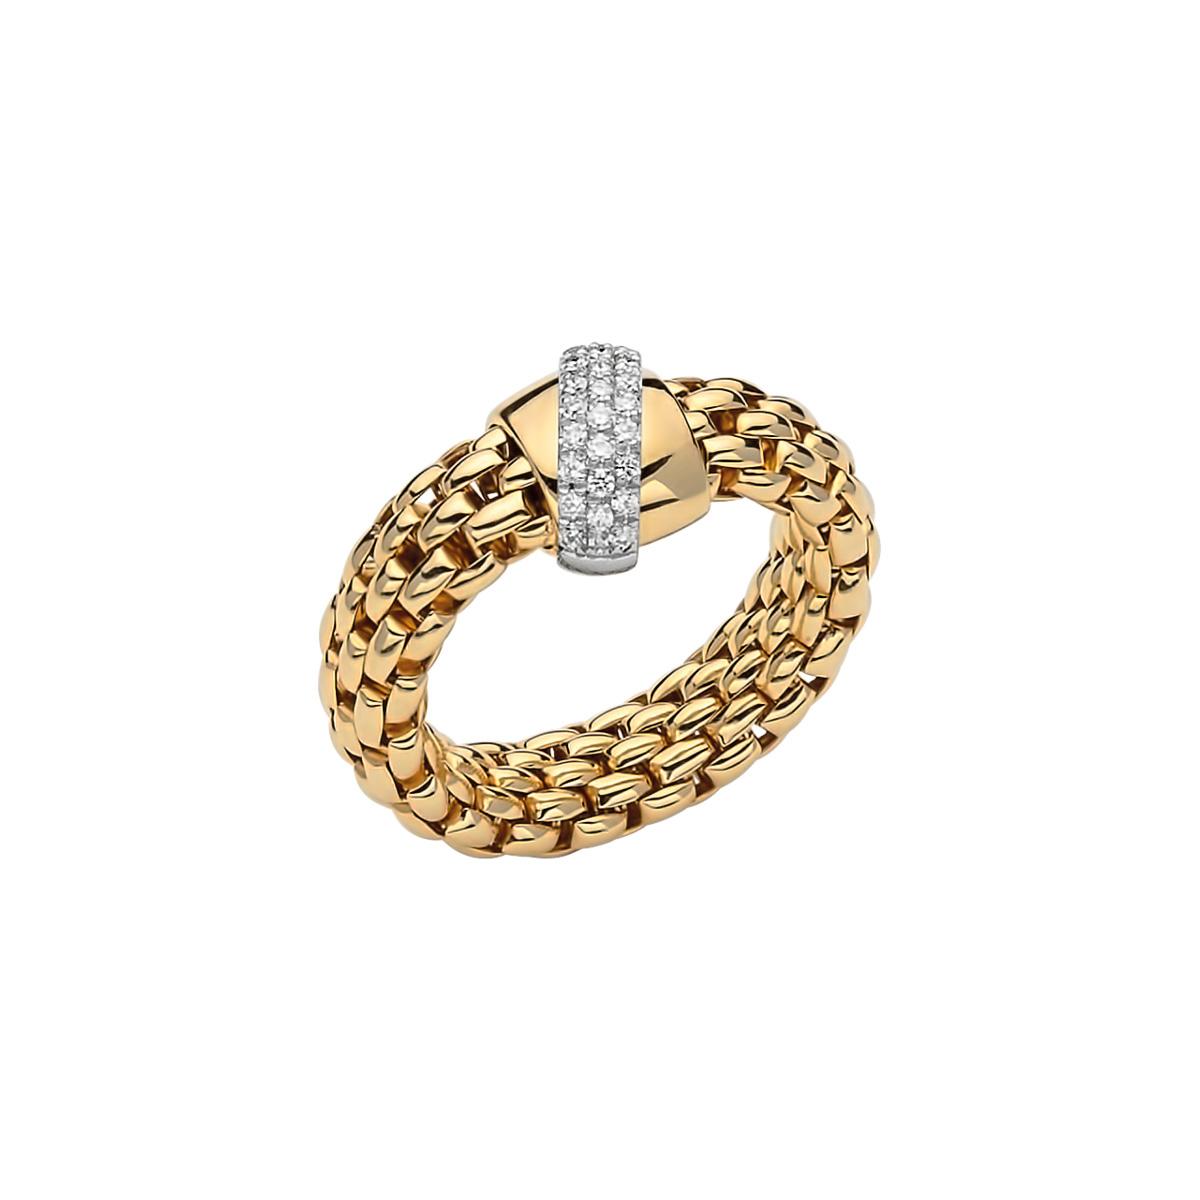 Ring von Fope aus 18 Karat Gelb- und Weißgold mit Brillanten